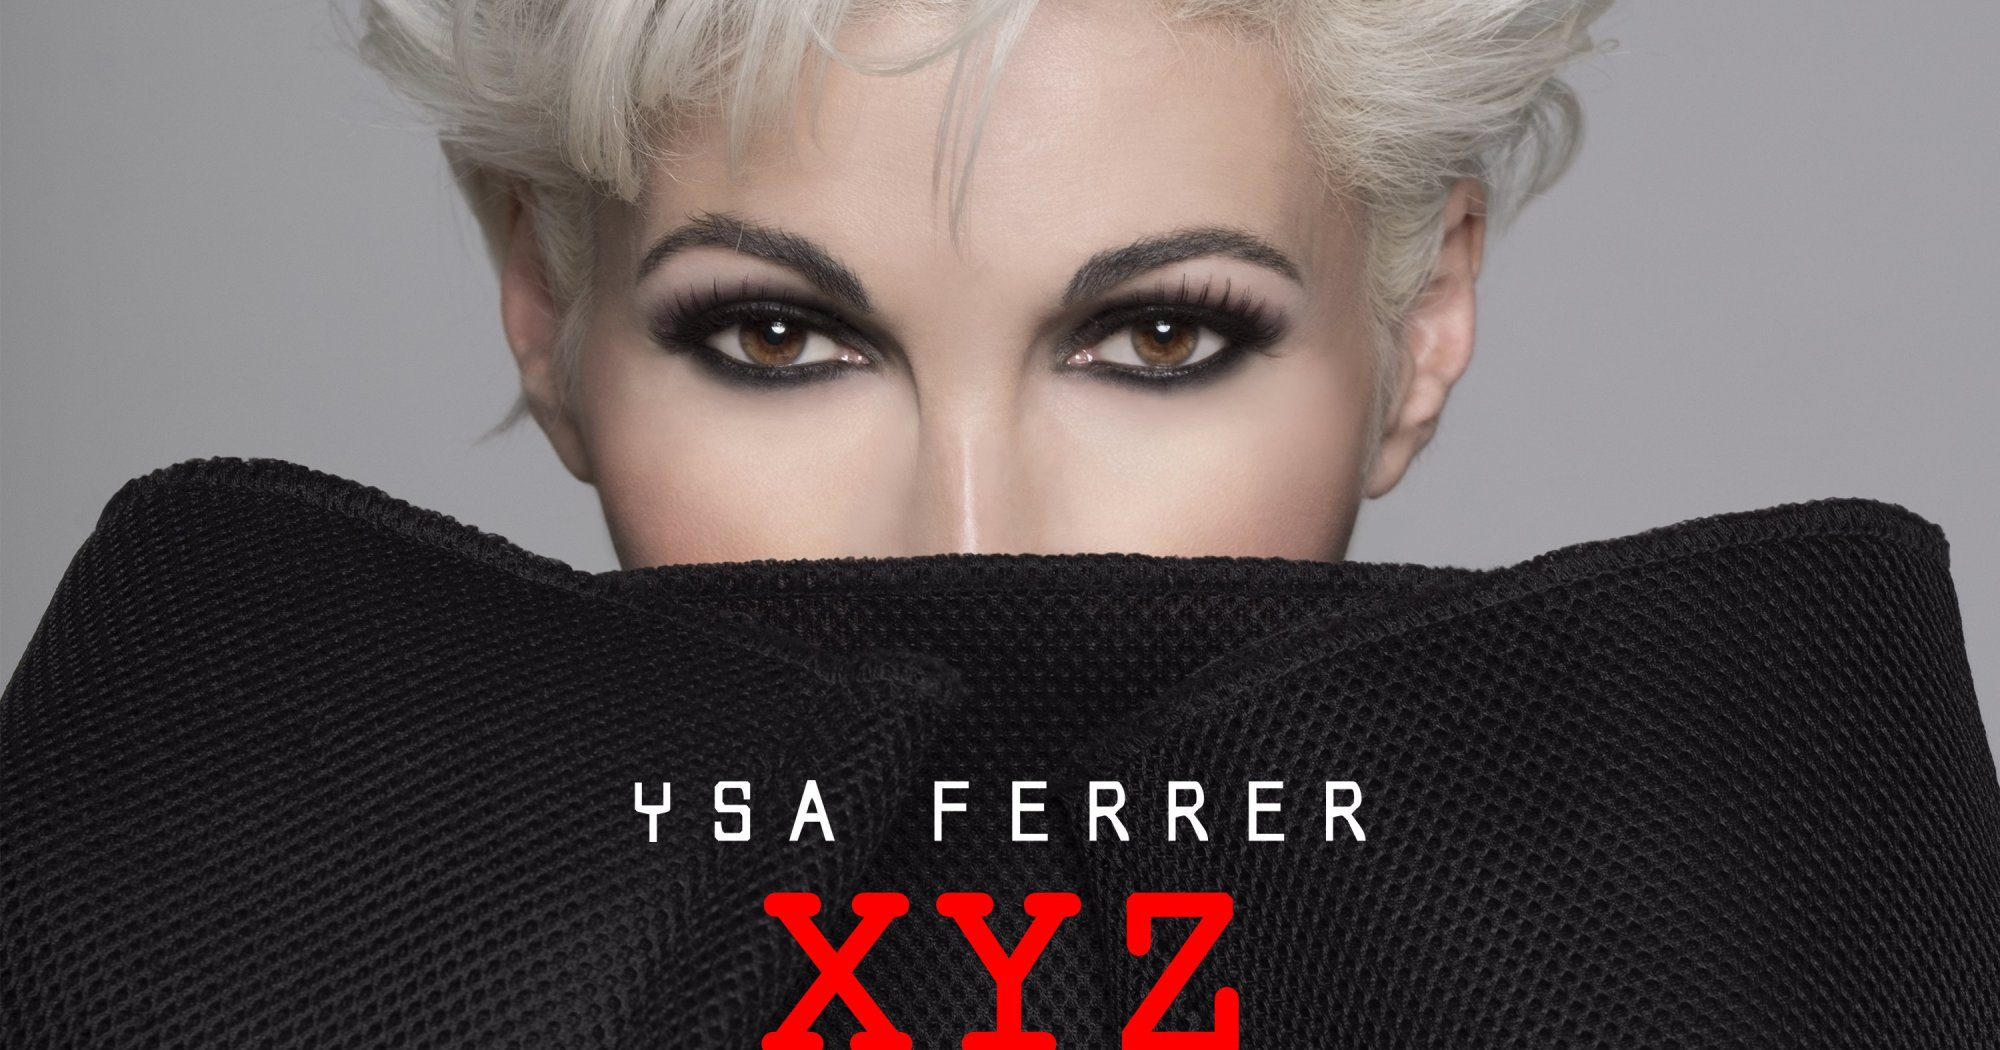 Ysa Ferrer et ses générations XYZ, découvrez le nouvel album